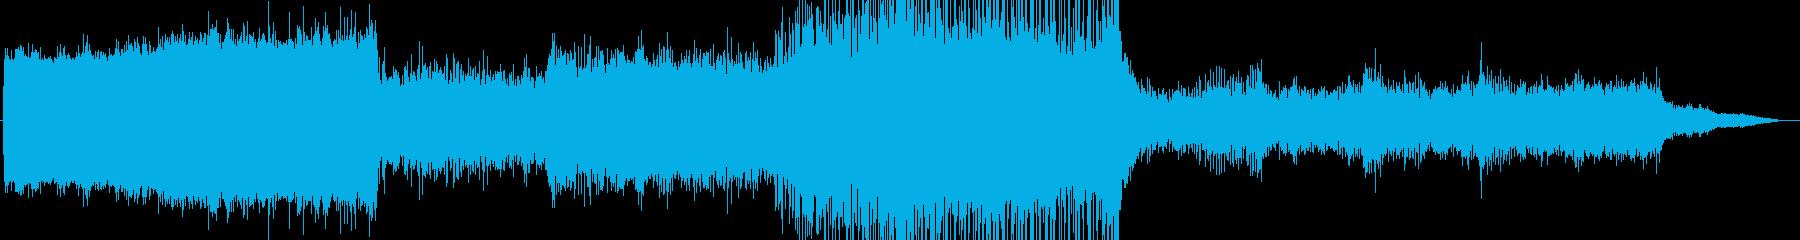 不安感を煽る、ゲームの予告編のような曲の再生済みの波形